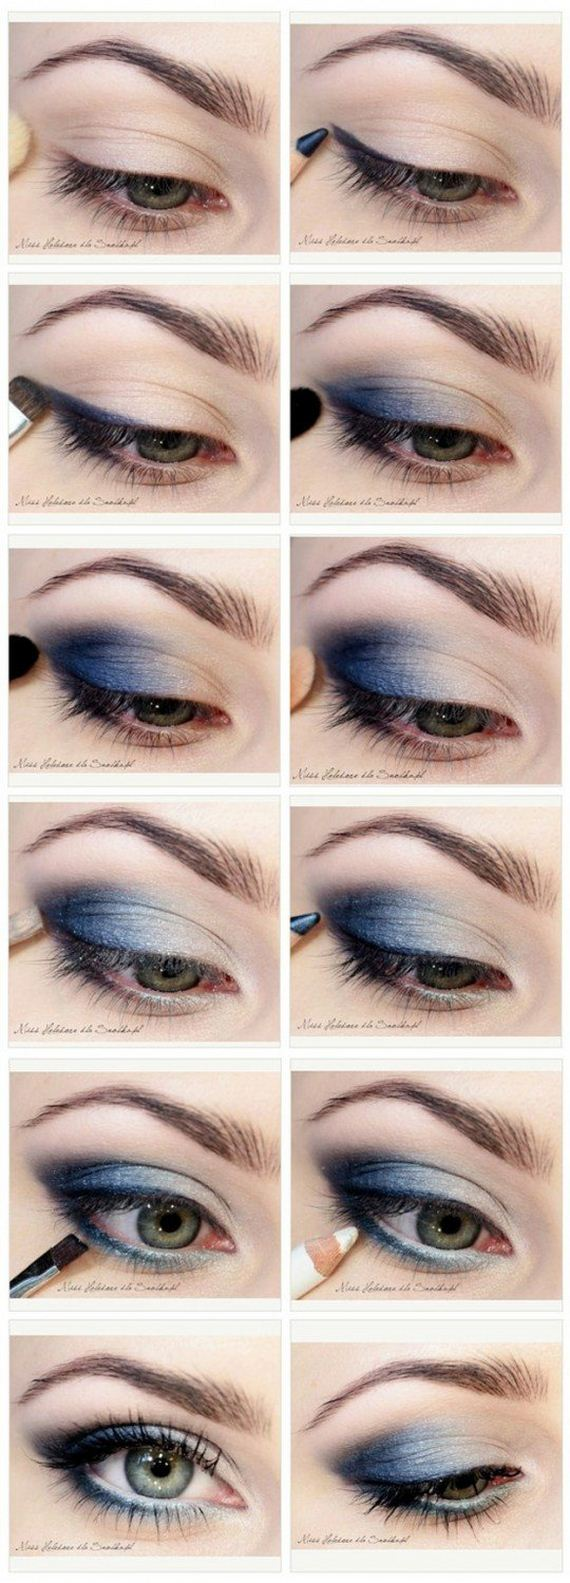 02-Colorful-Eyeshadow